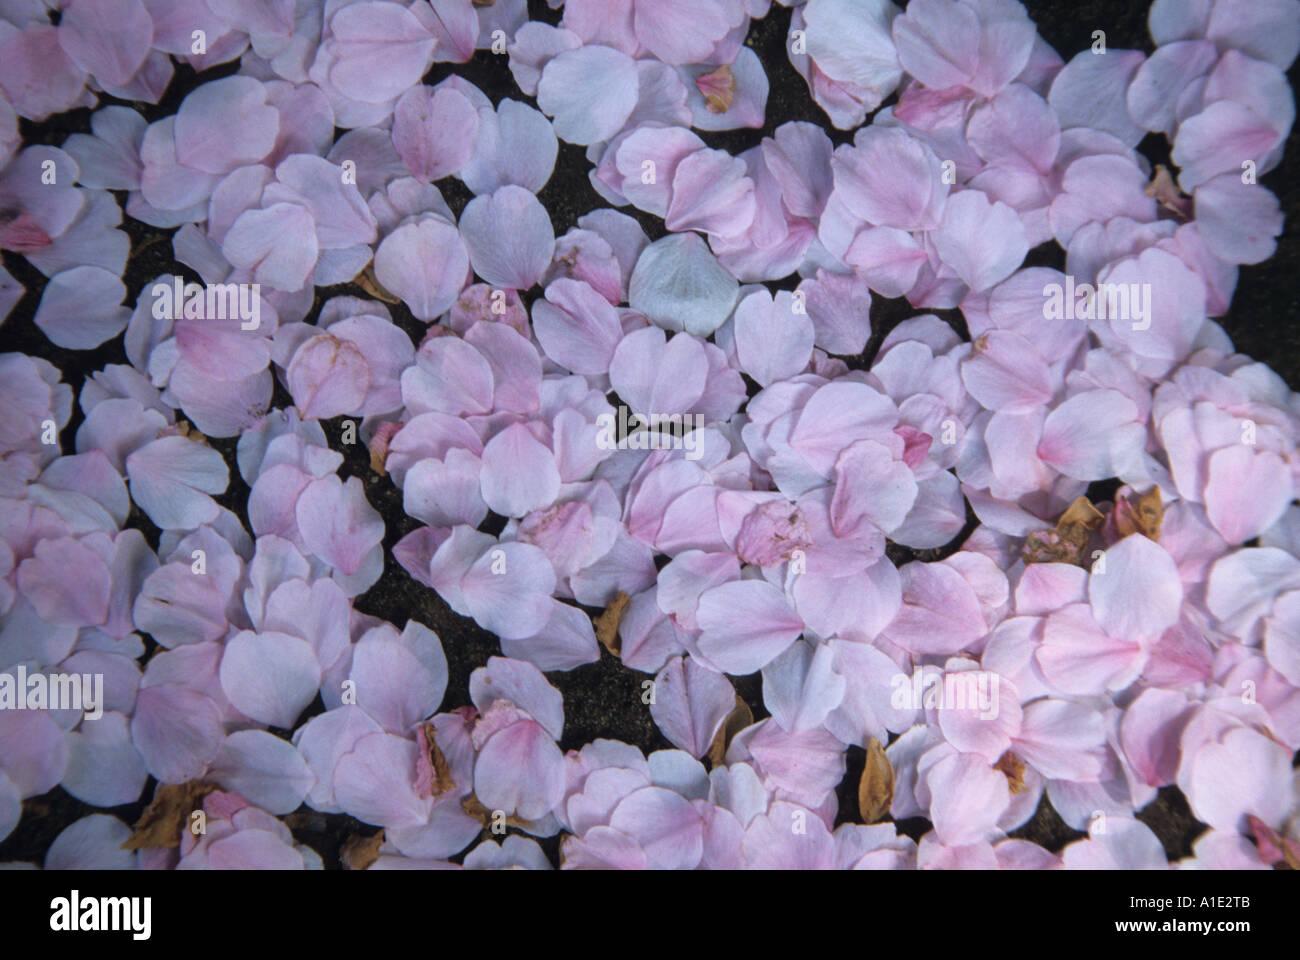 Fallen cherry blossom petals litter the ground at Hamarikyu Detached Garden, Tokyo, Japan Stock Photo